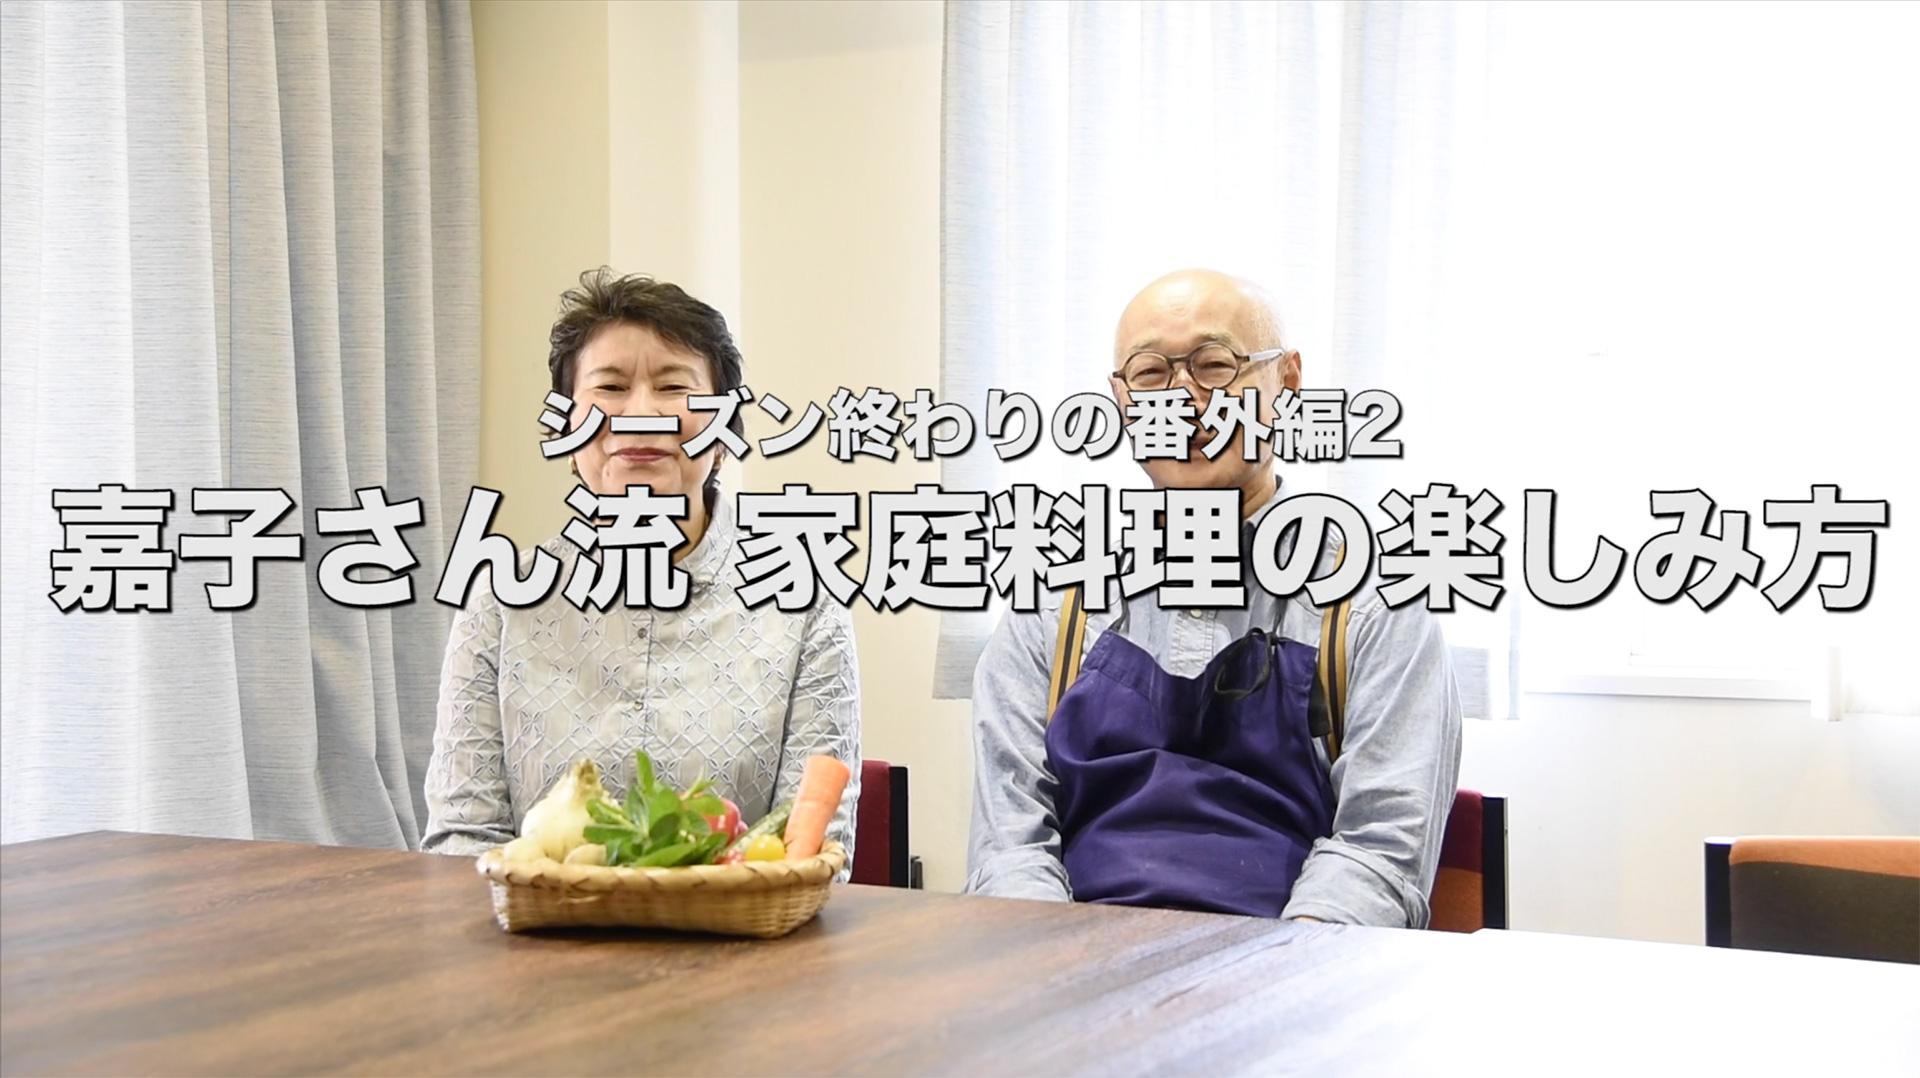 シーズン終わりの番外編2「嘉子さん流 家庭料理の楽しみ方」